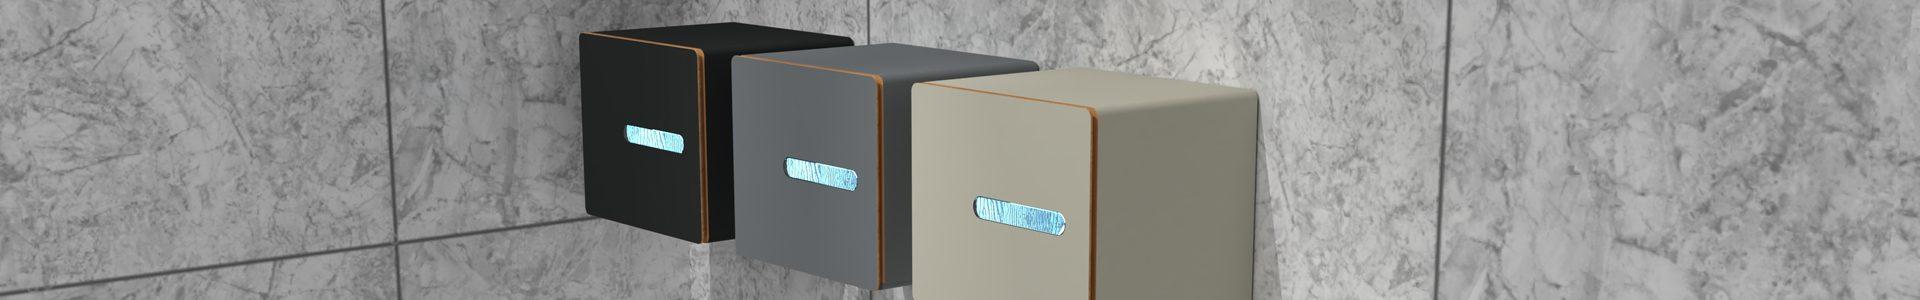 UV WALLBOX